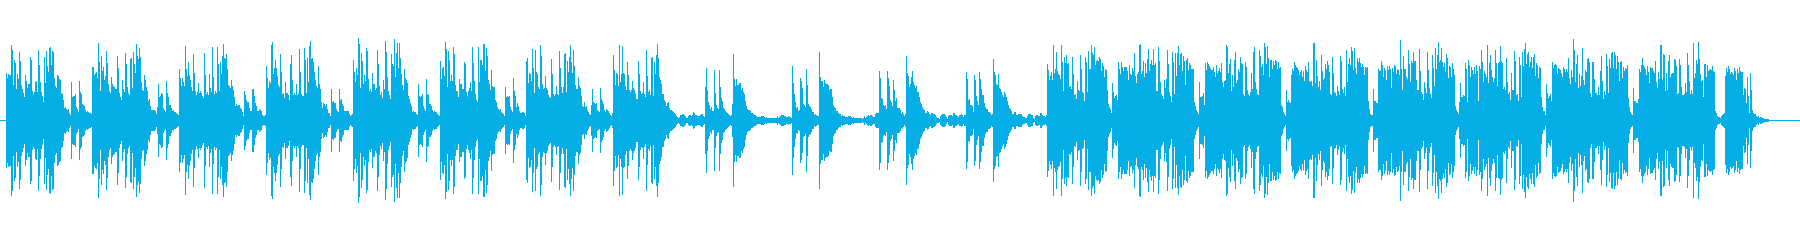 ひっそりとしたイメージのミュージックの再生済みの波形